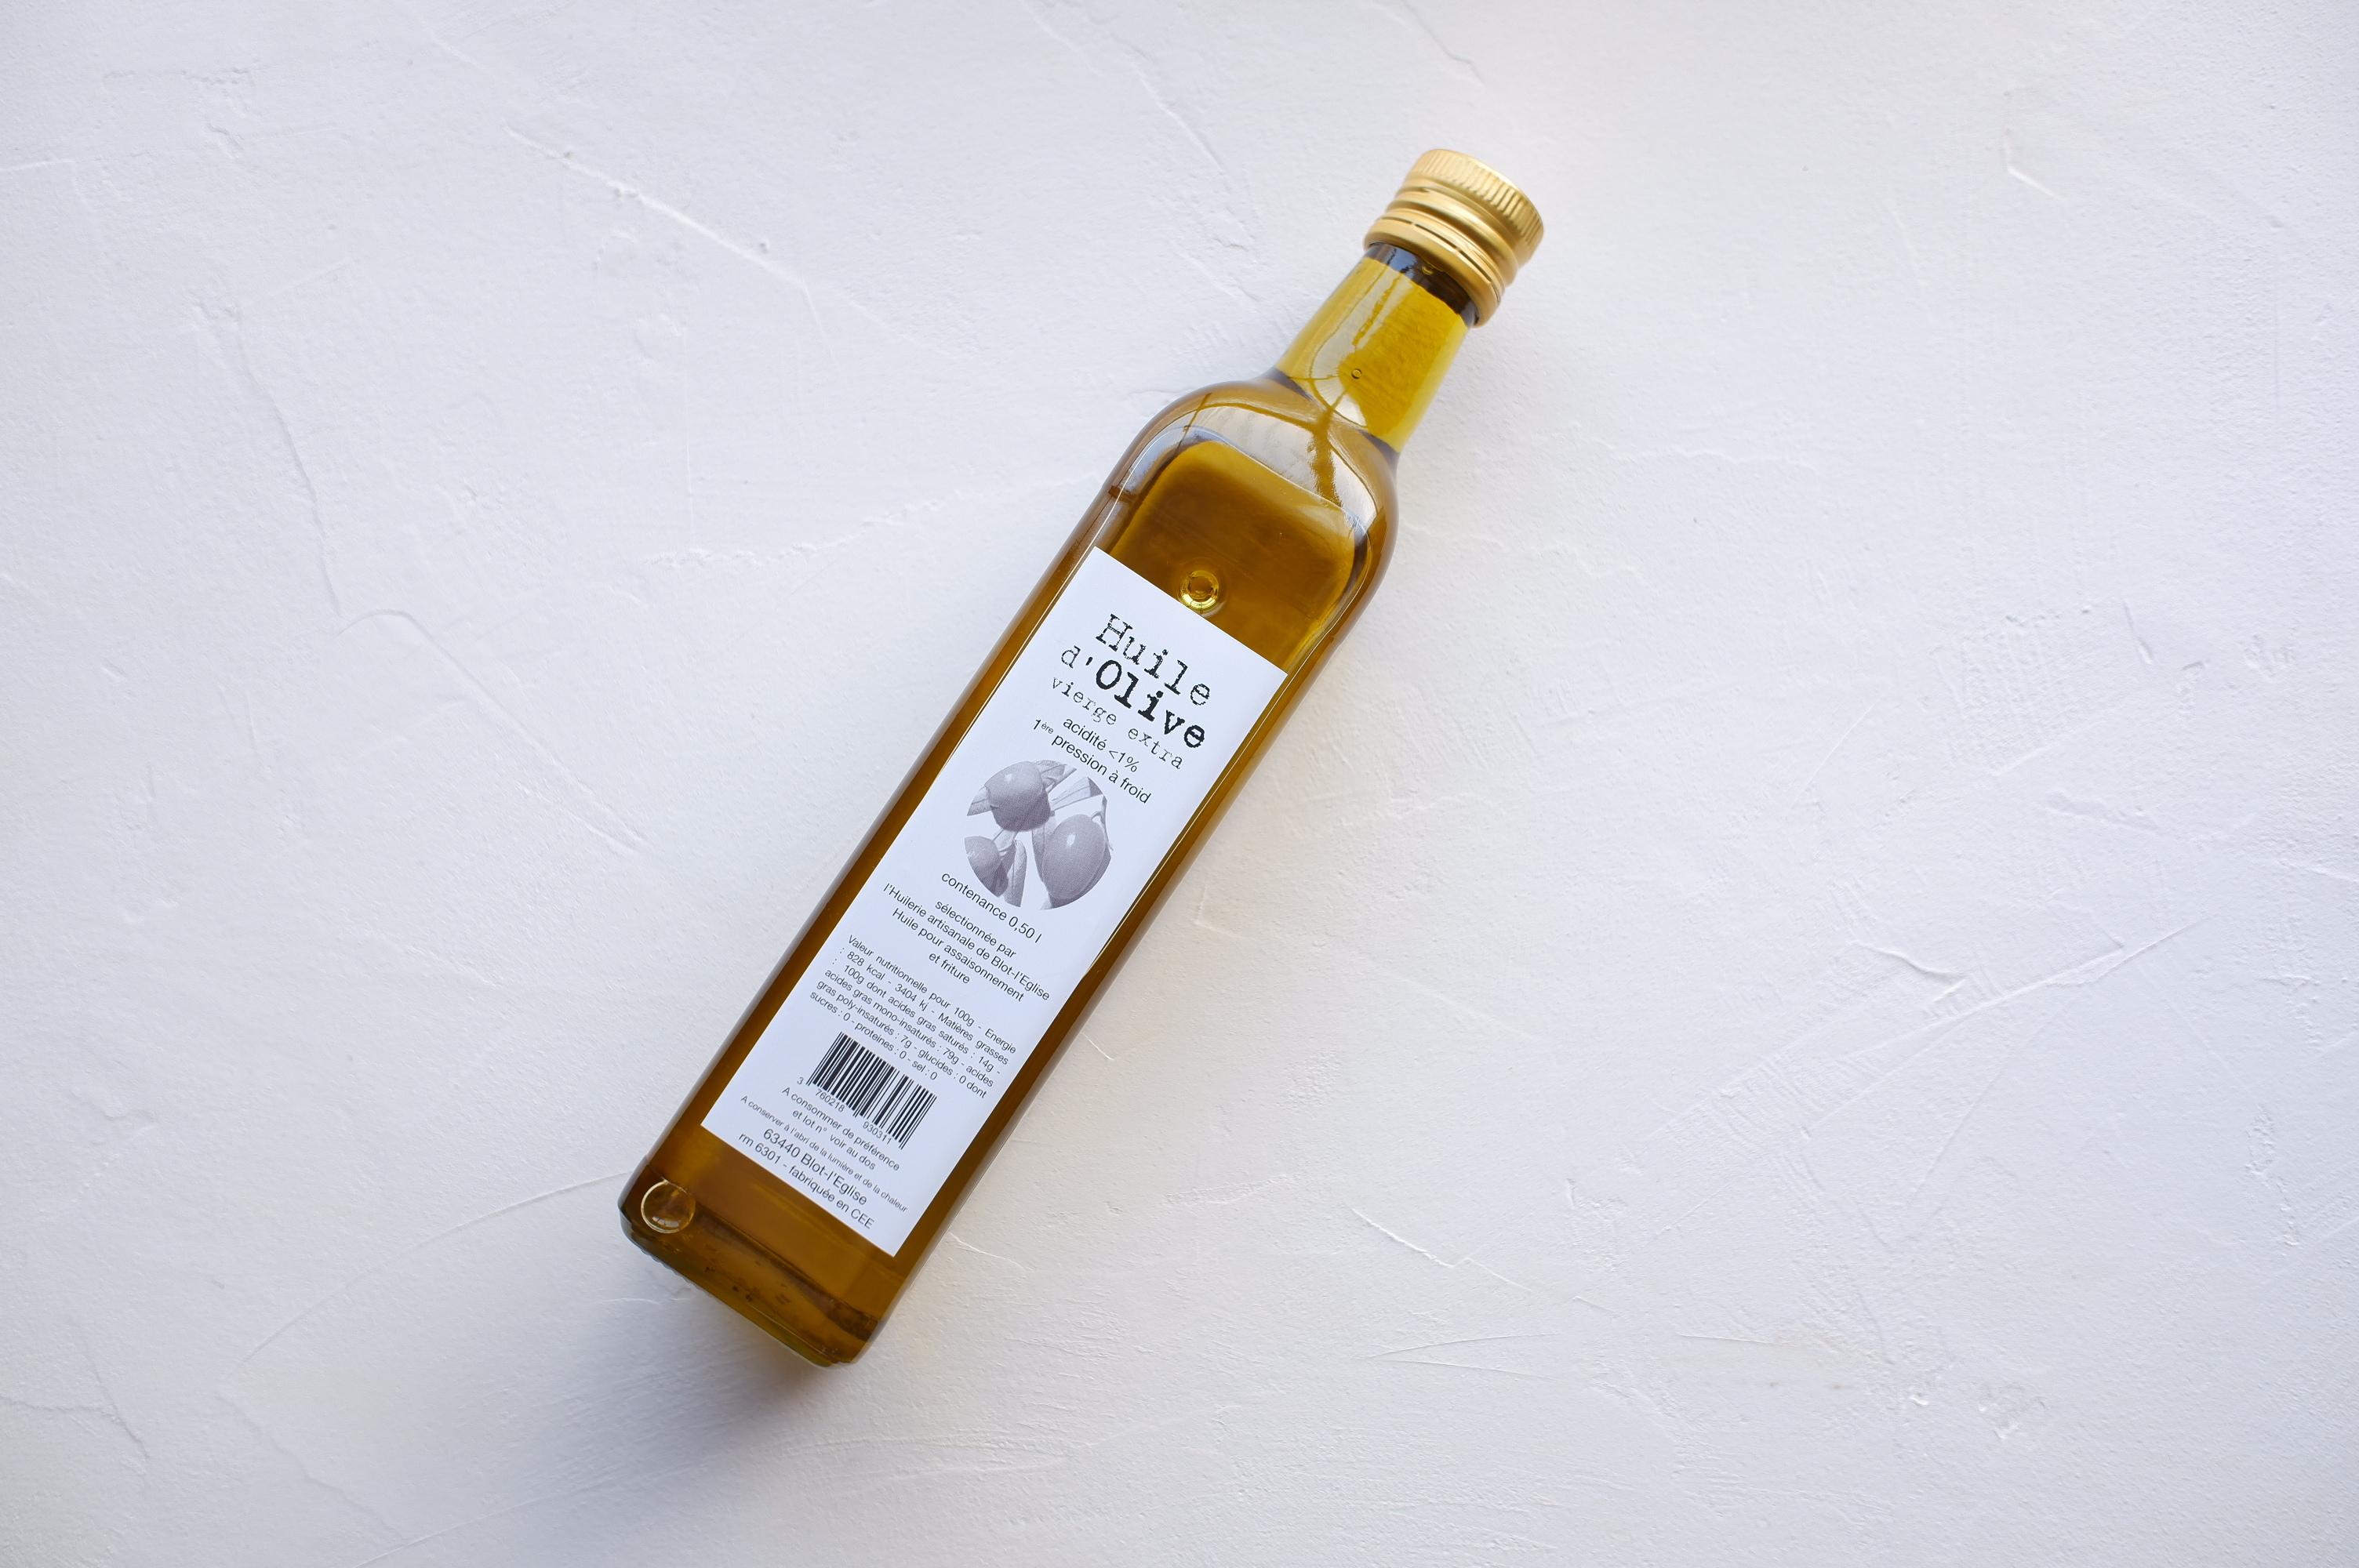 Huilerie de Blot(ユイルリー・ドゥ・ブロ) EXVオリーブオイル 500ml